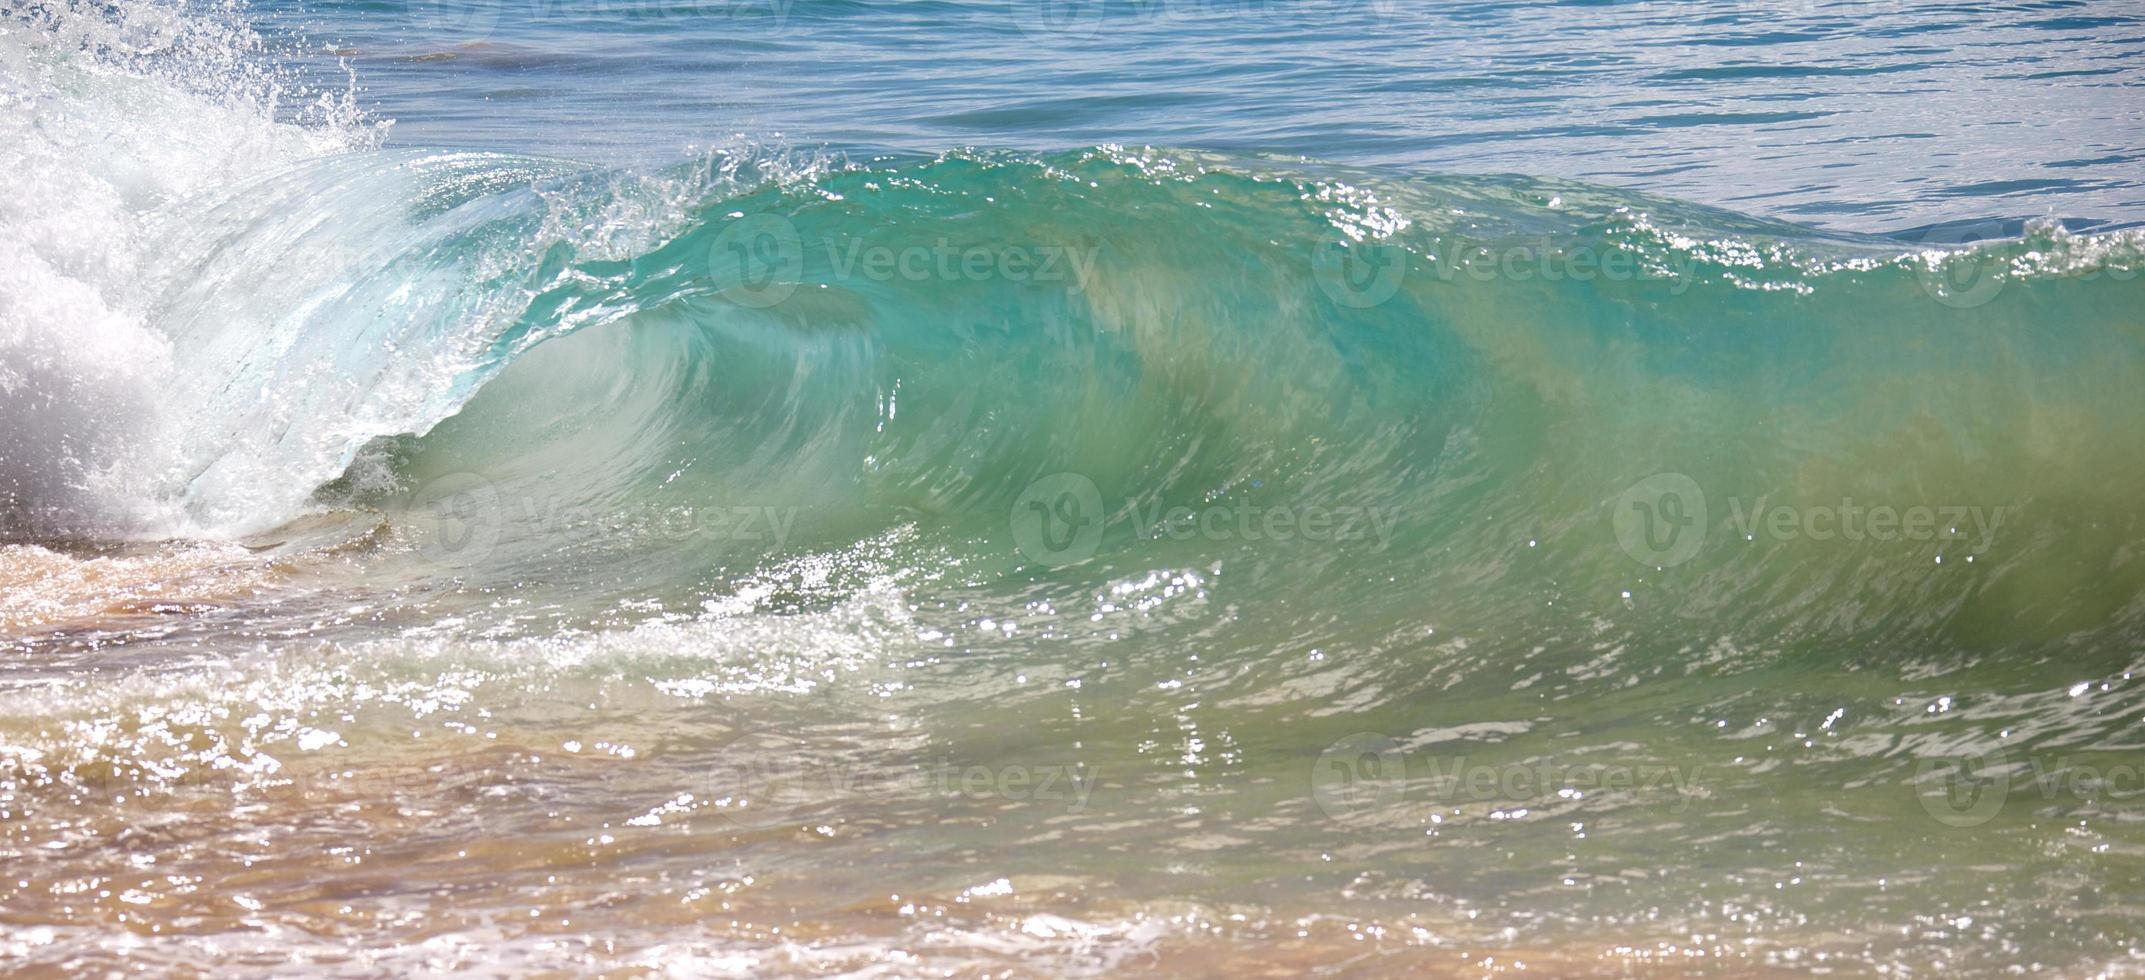 onde che si infrangono foto